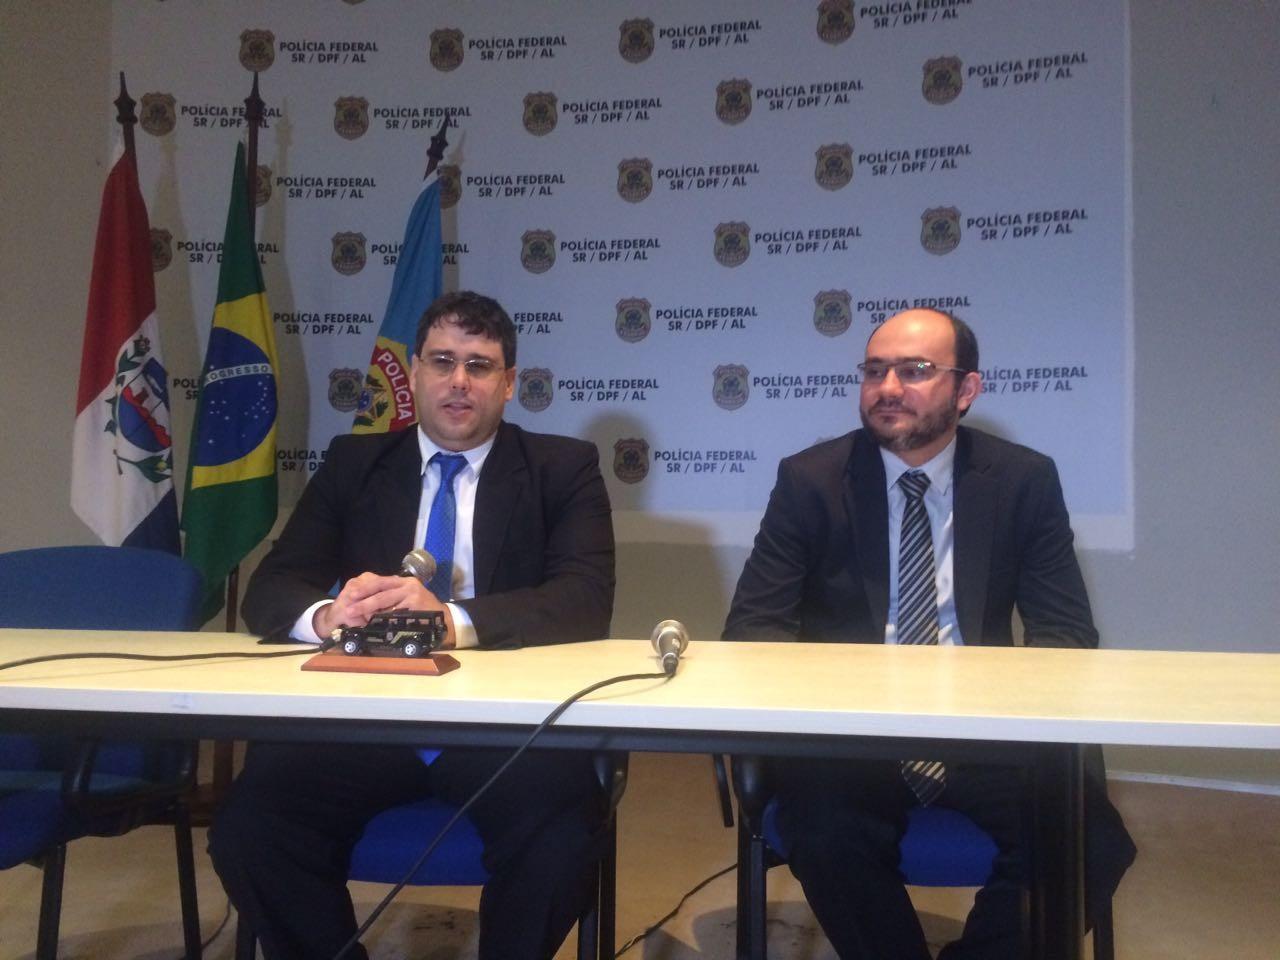 Bandas de PE e CE estão envolvidas em desvio de recursos públicos do município alagoano de Olivença, diz PF